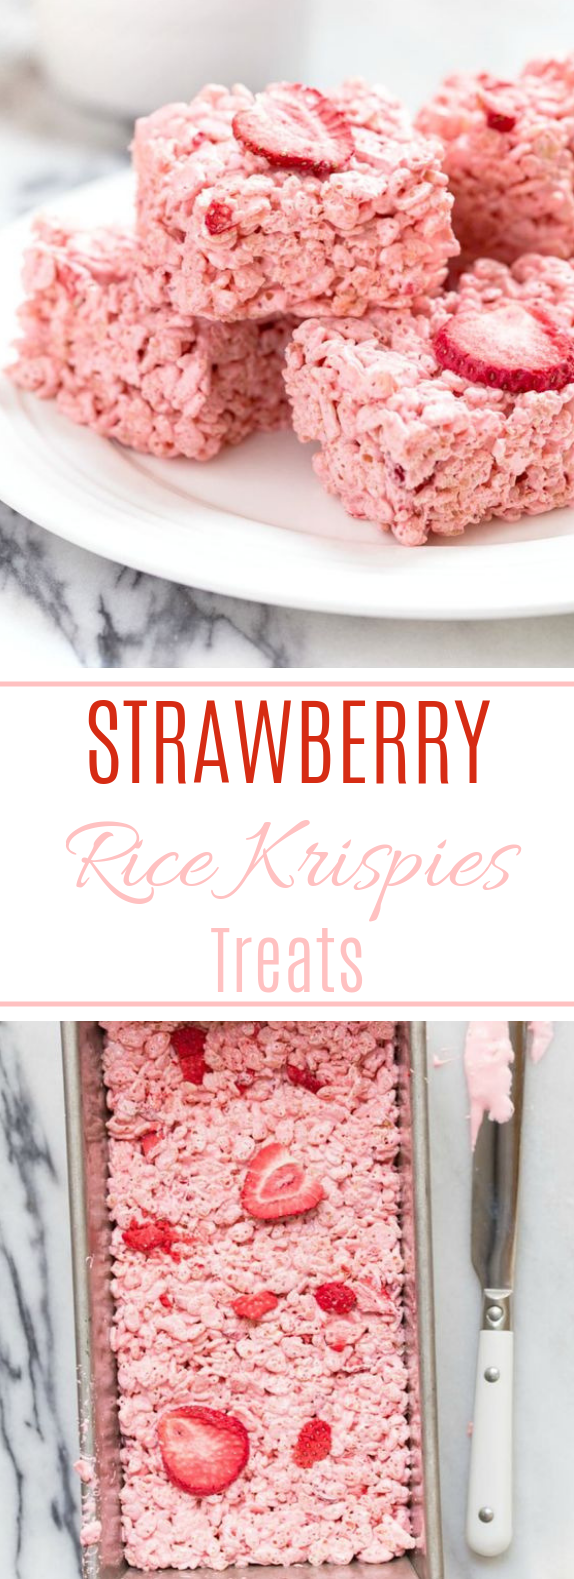 Strawberry Rice Krispies Treats #sweet #desserts #ricekrispiestreats